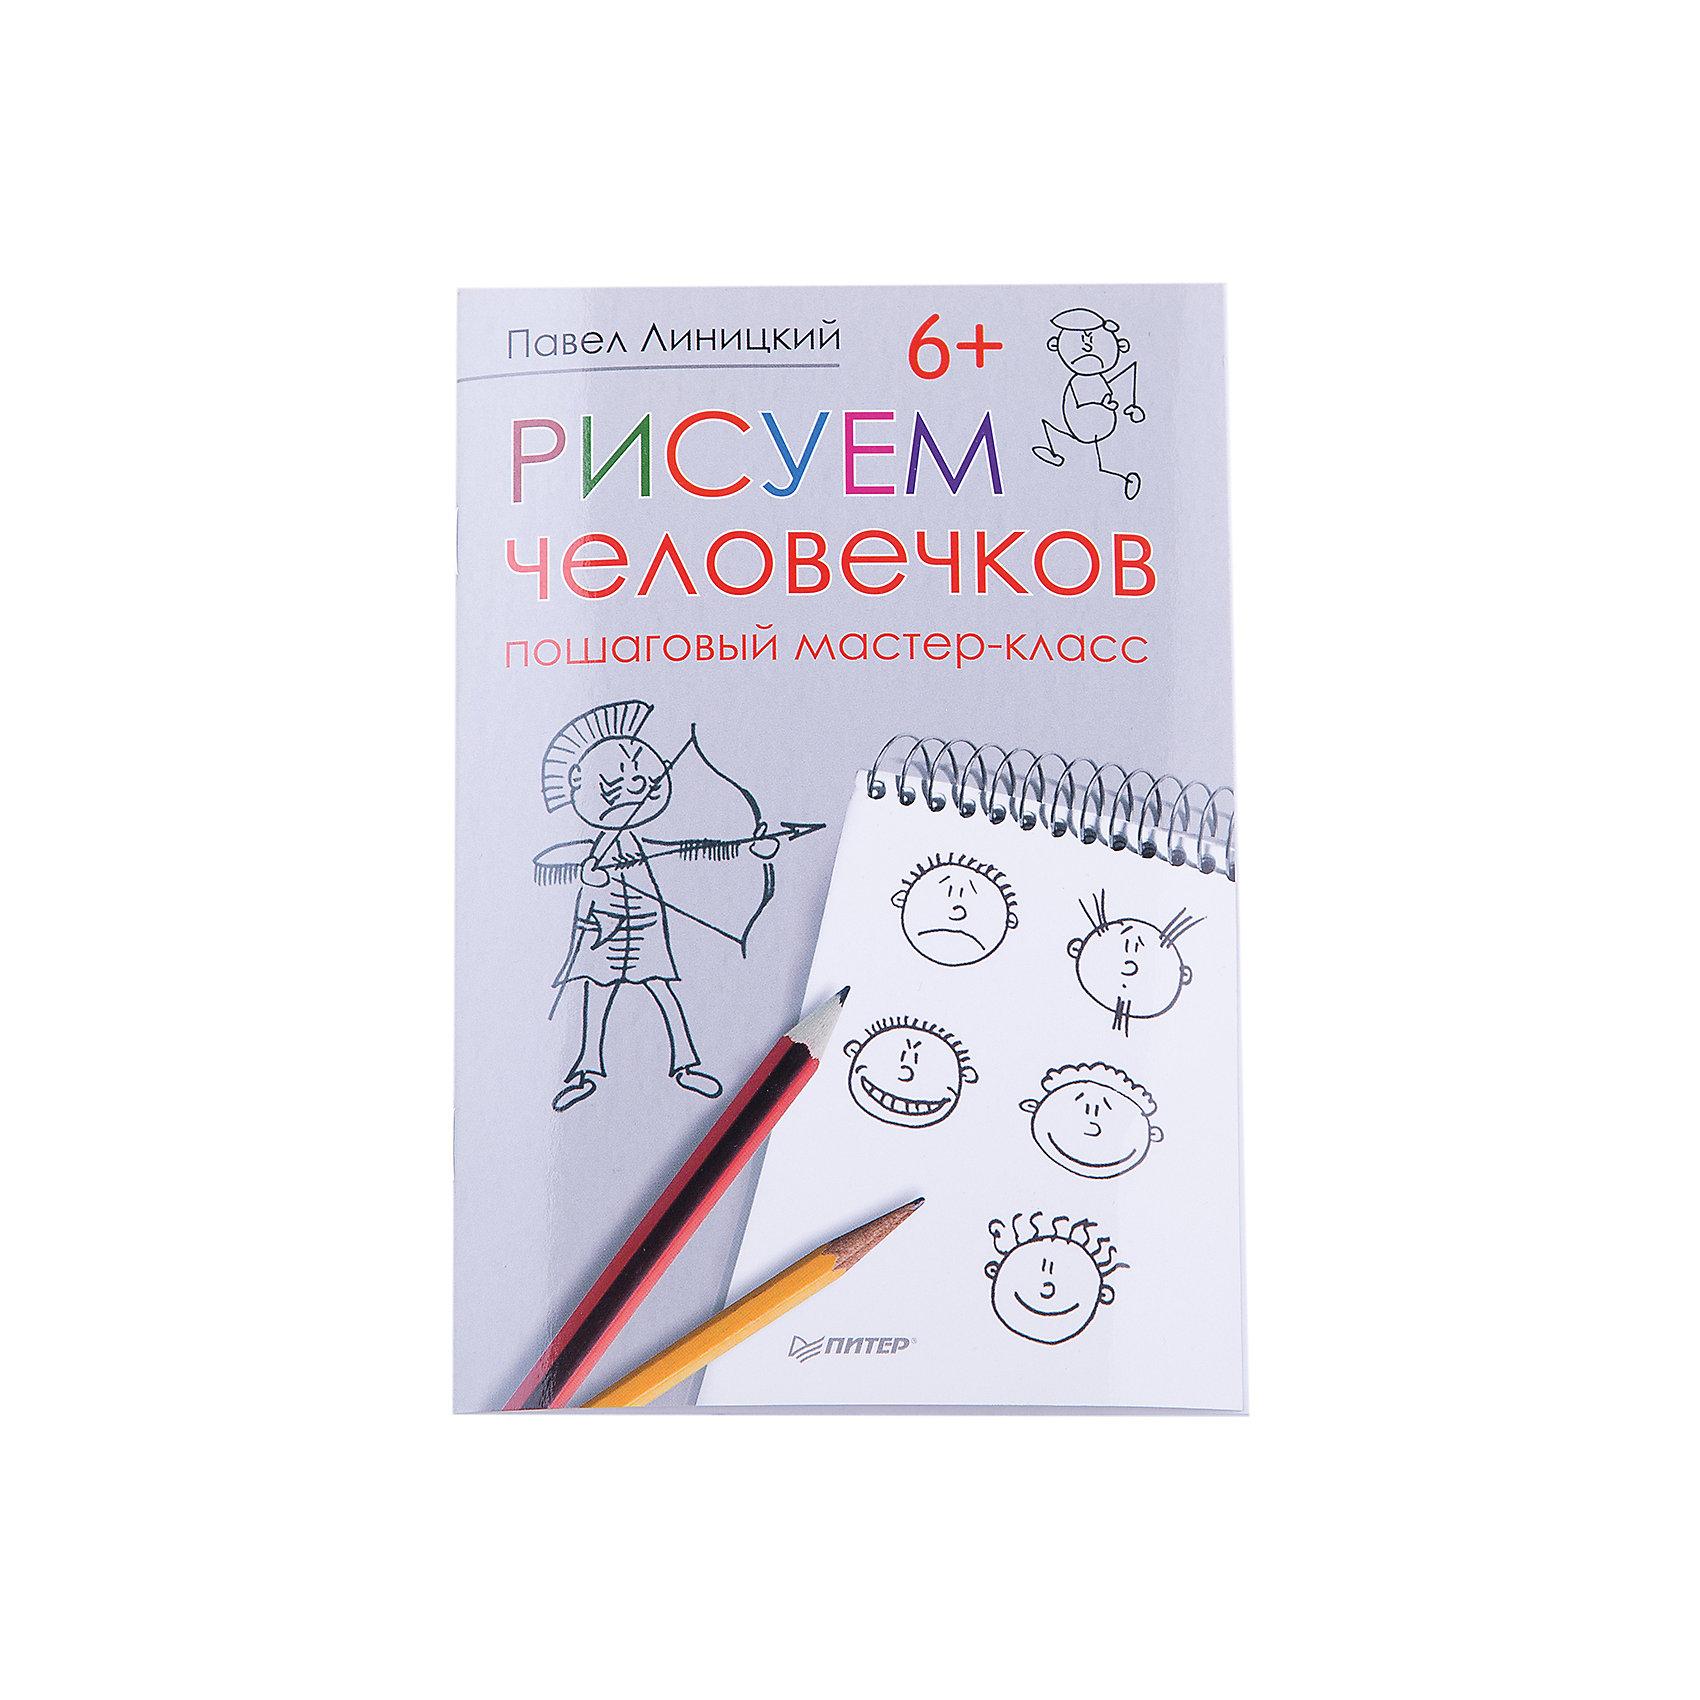 Рисуем человечков: пошаговый мастер-классУчиться рисовать - это интересное и полезное занятие! Научиться легко изображать разных человечков поможет это издание. Книга отлично подойдет для детей, которым интересно всевозможное творчество в любое время суток. Задания в книге построены таким образом, что рисовать дети учатся, выполняя пошаговые задания - это очень легко, а в итоге оттачивается художественный навык. Результат будет впечатлять малышей и двигать к новым победам! Книга развивает творческое мышление, разбудит в ребенке способности художника и привьет любовь к рисованию. В издании собрано множество разных видов человечков!<br><br>Дополнительная информация:<br><br>страниц: 32;<br>мягкая обложка;<br>формат: 145 х 215 мм.<br><br>Книгу Рисуем человечков: пошаговый мастер-класс можно купить в нашем магазине.<br><br>Ширина мм: 205<br>Глубина мм: 141<br>Высота мм: 2<br>Вес г: 50<br>Возраст от месяцев: 72<br>Возраст до месяцев: 2147483647<br>Пол: Унисекс<br>Возраст: Детский<br>SKU: 4966300